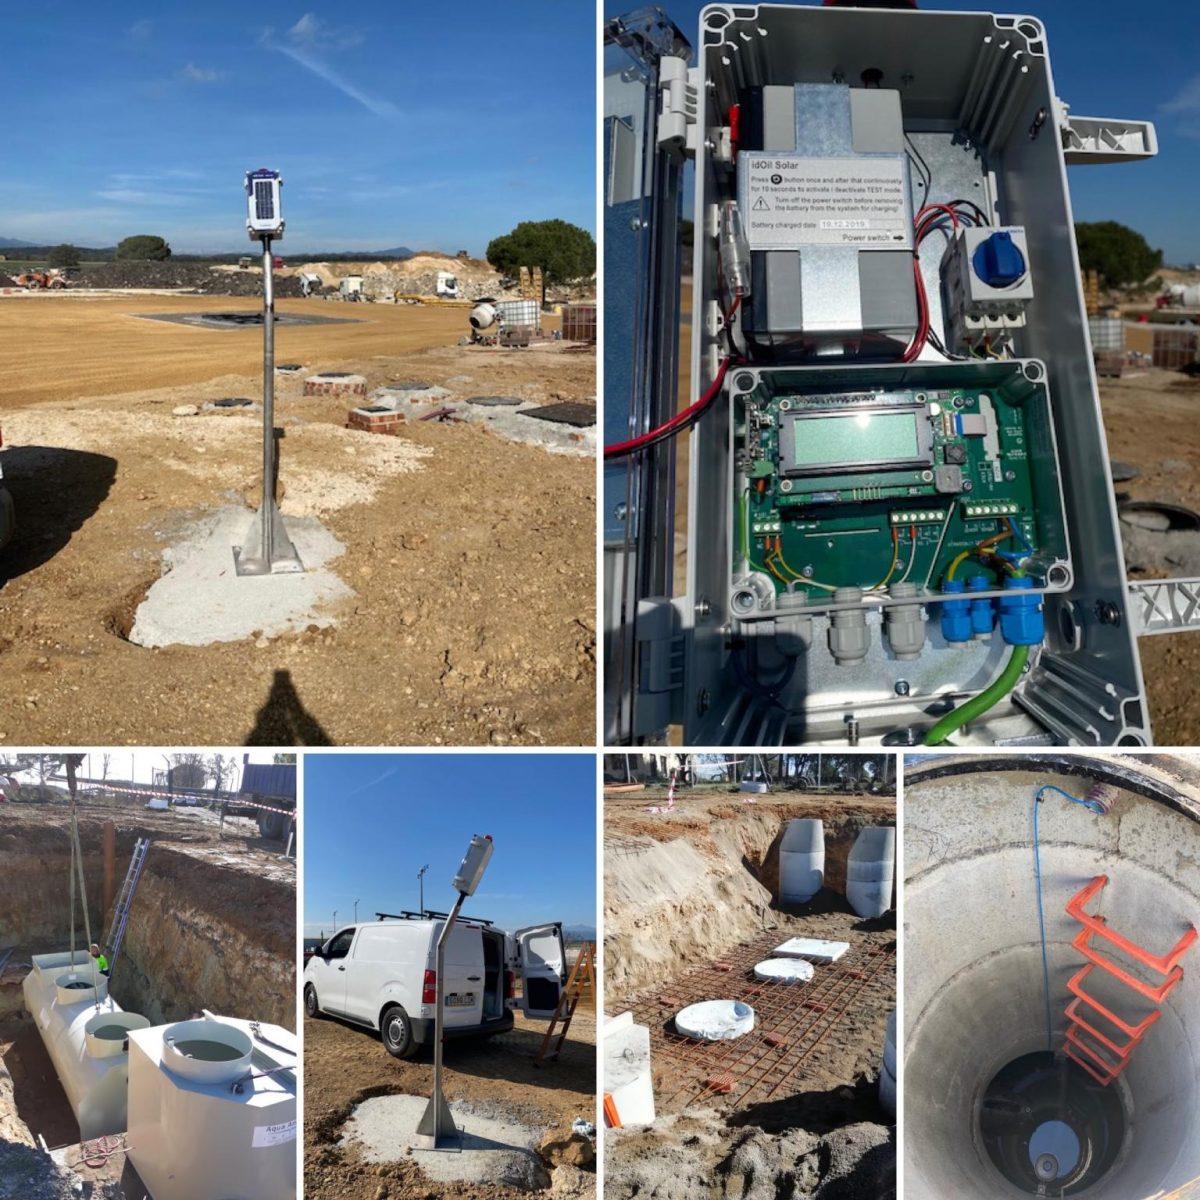 Monitorización del nivel de Lodos e Hidrocarburos con panel solar.